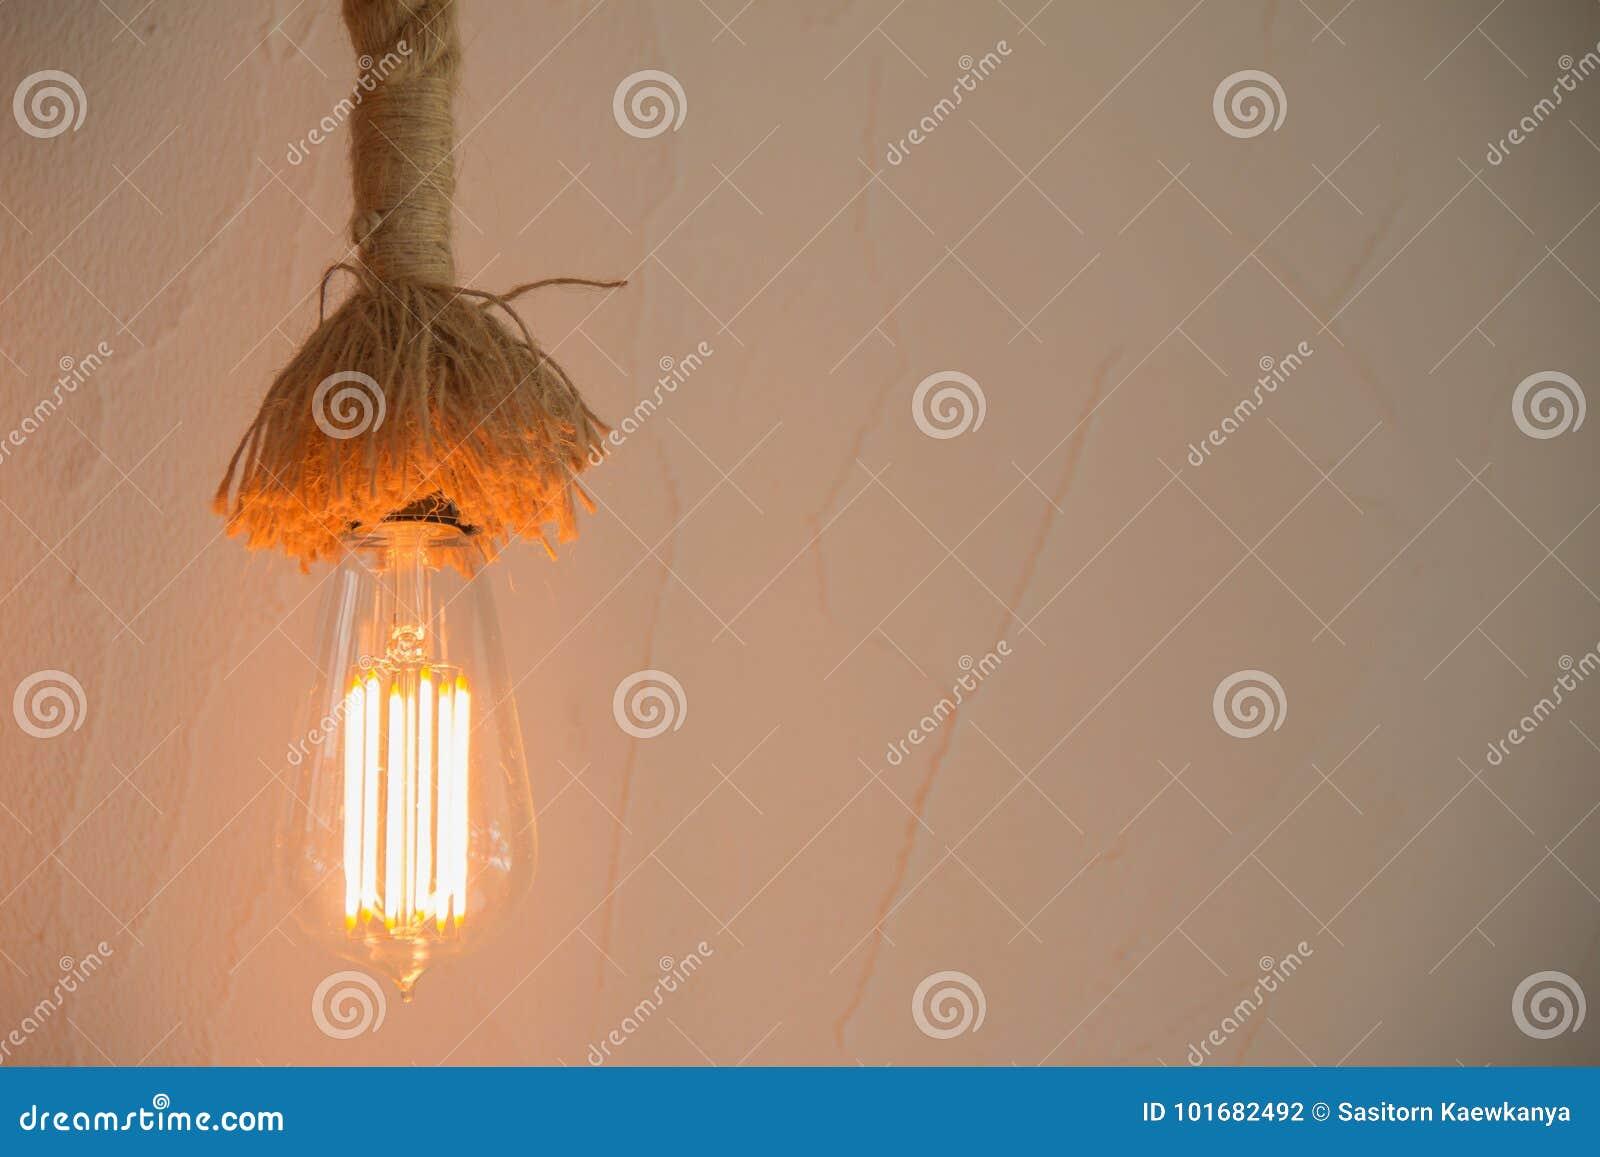 Style Et Décoration La Dans Led Lampe Antique Avec De Moderne Le 0n8mwvNO